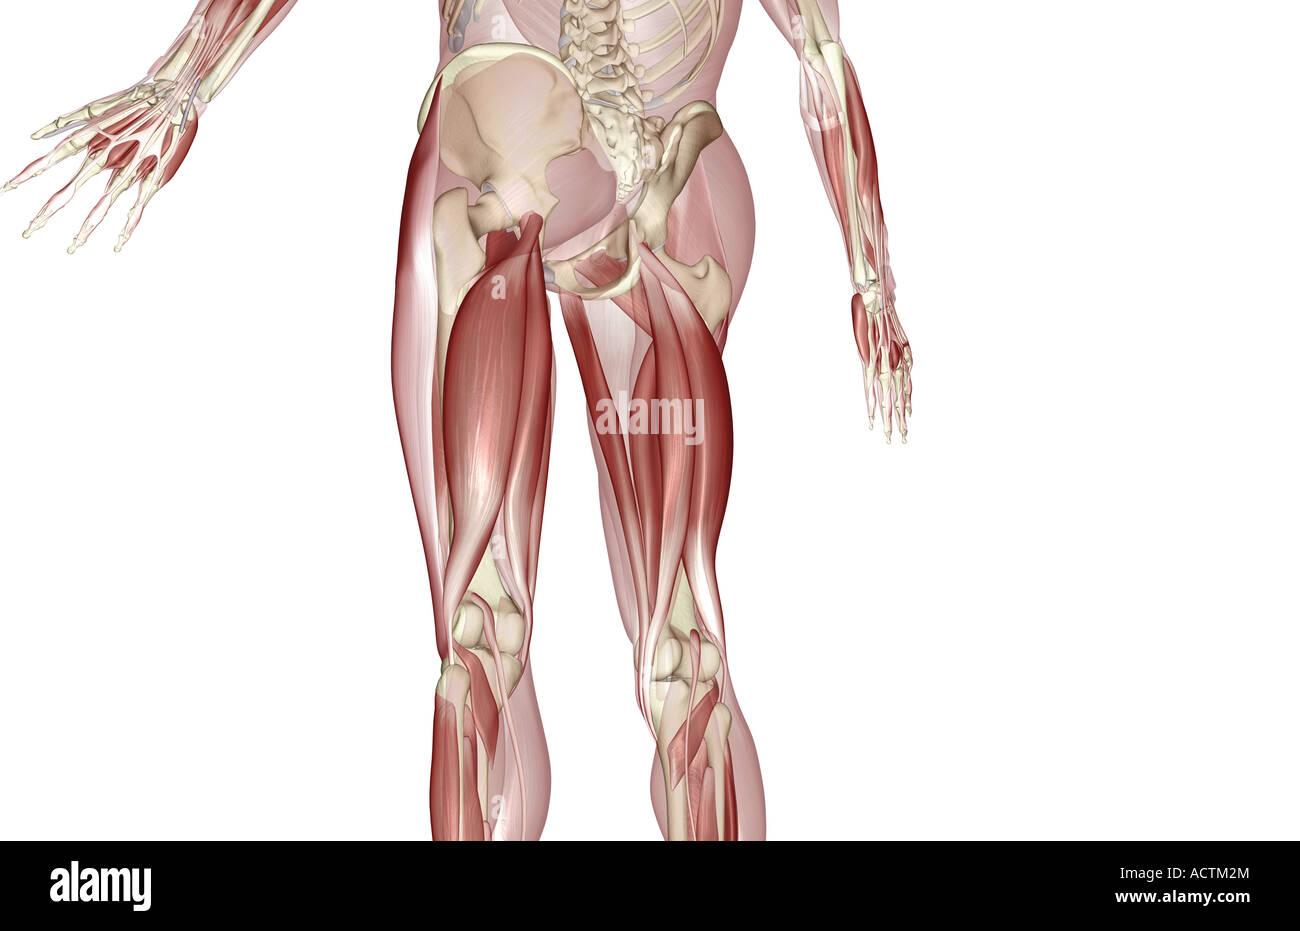 Muskeln der Oberschenkel Stockfoto, Bild: 13228123 - Alamy